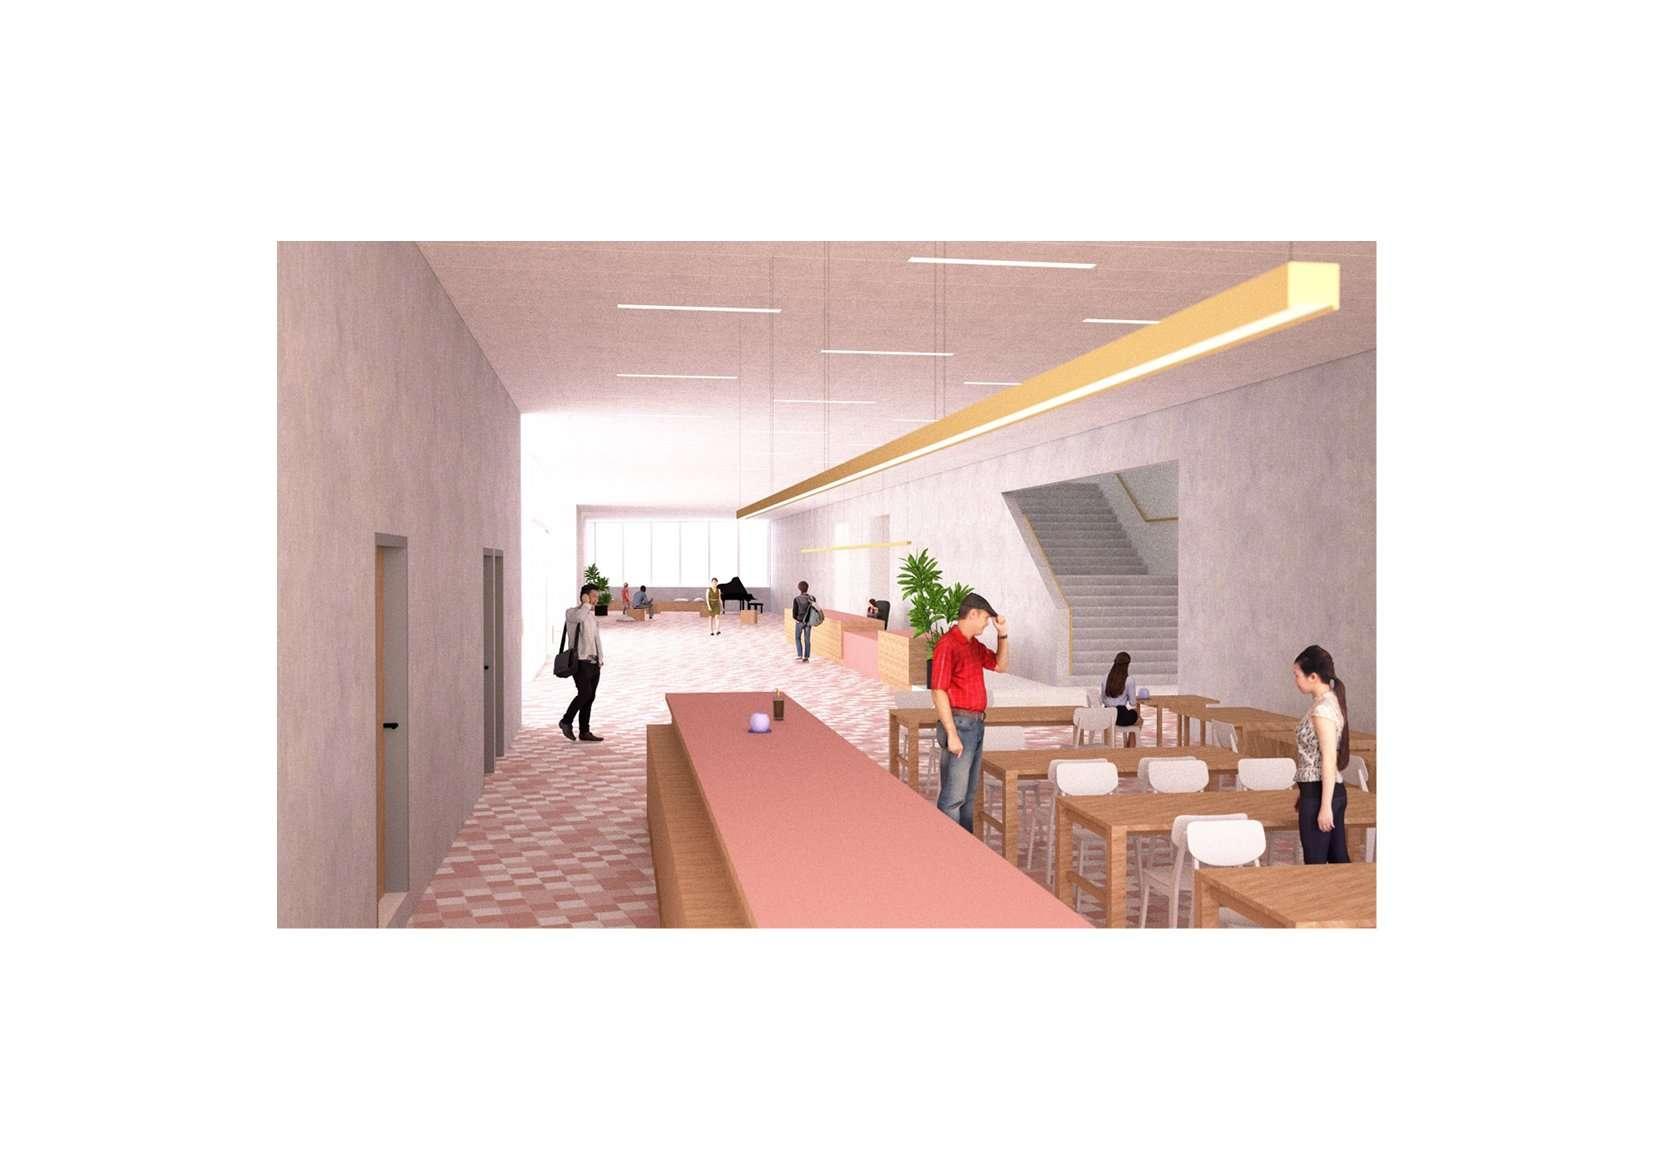 cultuurcentrum en academie zottegem